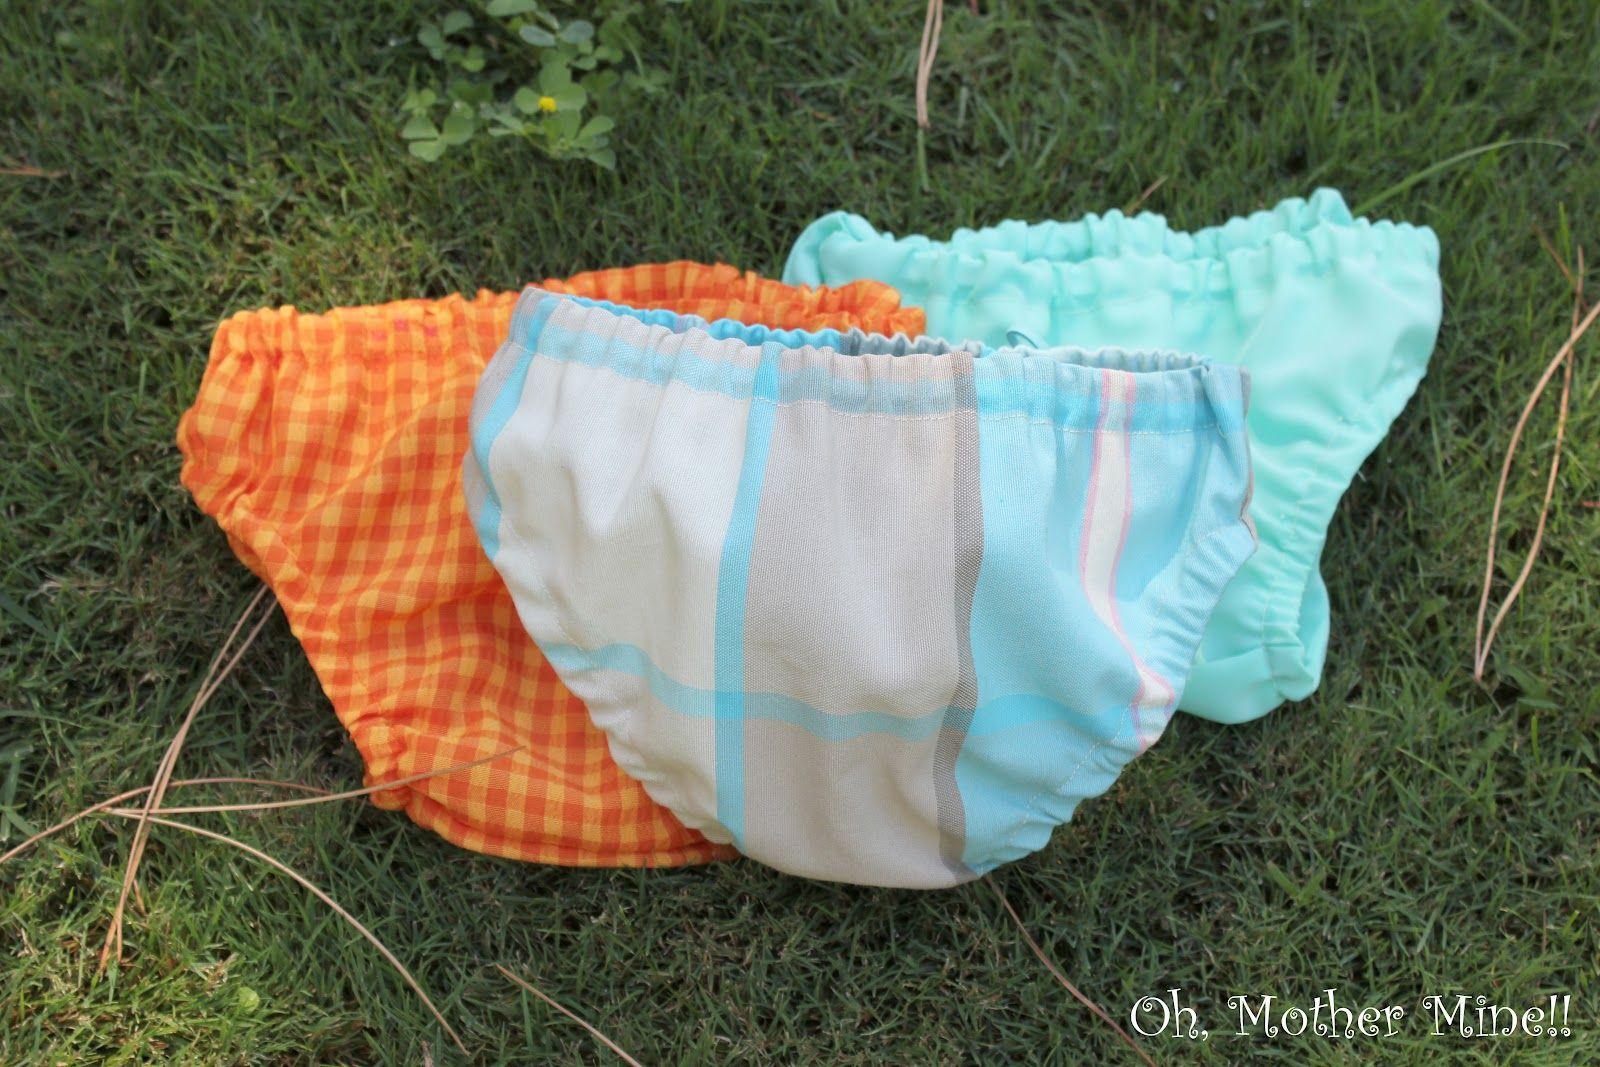 Blog Costura Y Diy Oh Mother Mine Diy Tutorial Cubre Pañales Para Bebés Diy Cubre Pañales Pañales Bebe Pañales